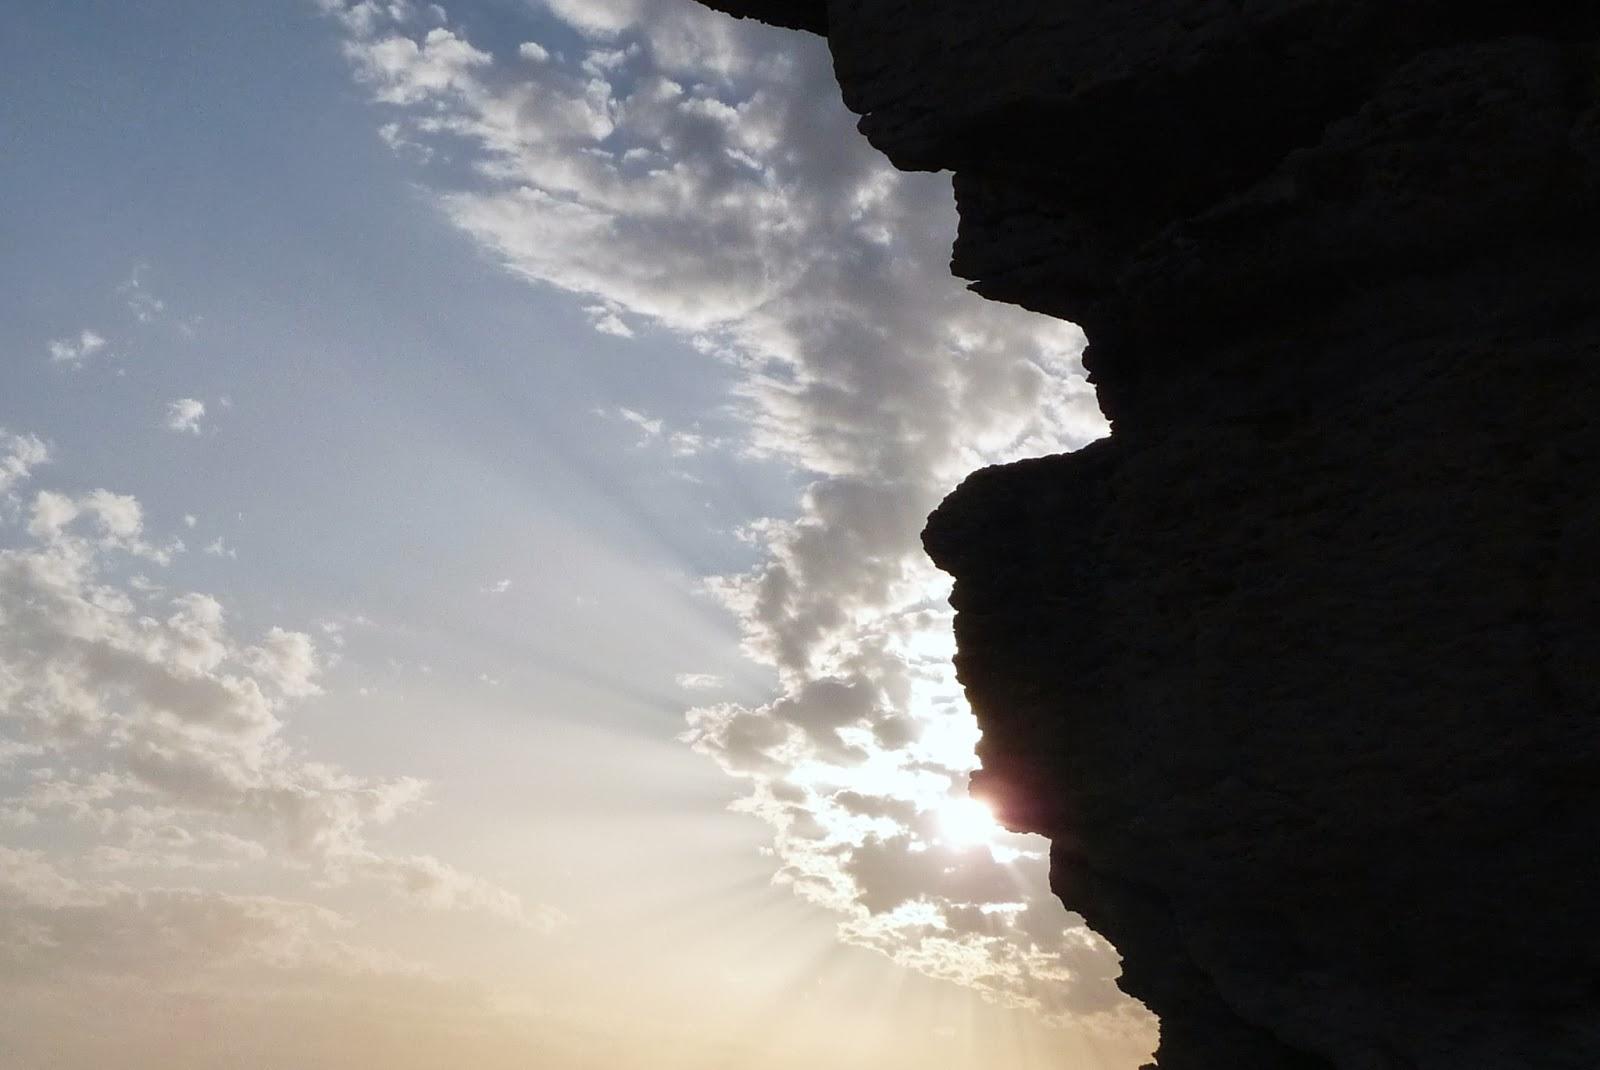 A Luz De Um Novo Dia Invade A Minha Alma E O Coração Se: Letras à Solta: Coincidências Tristes